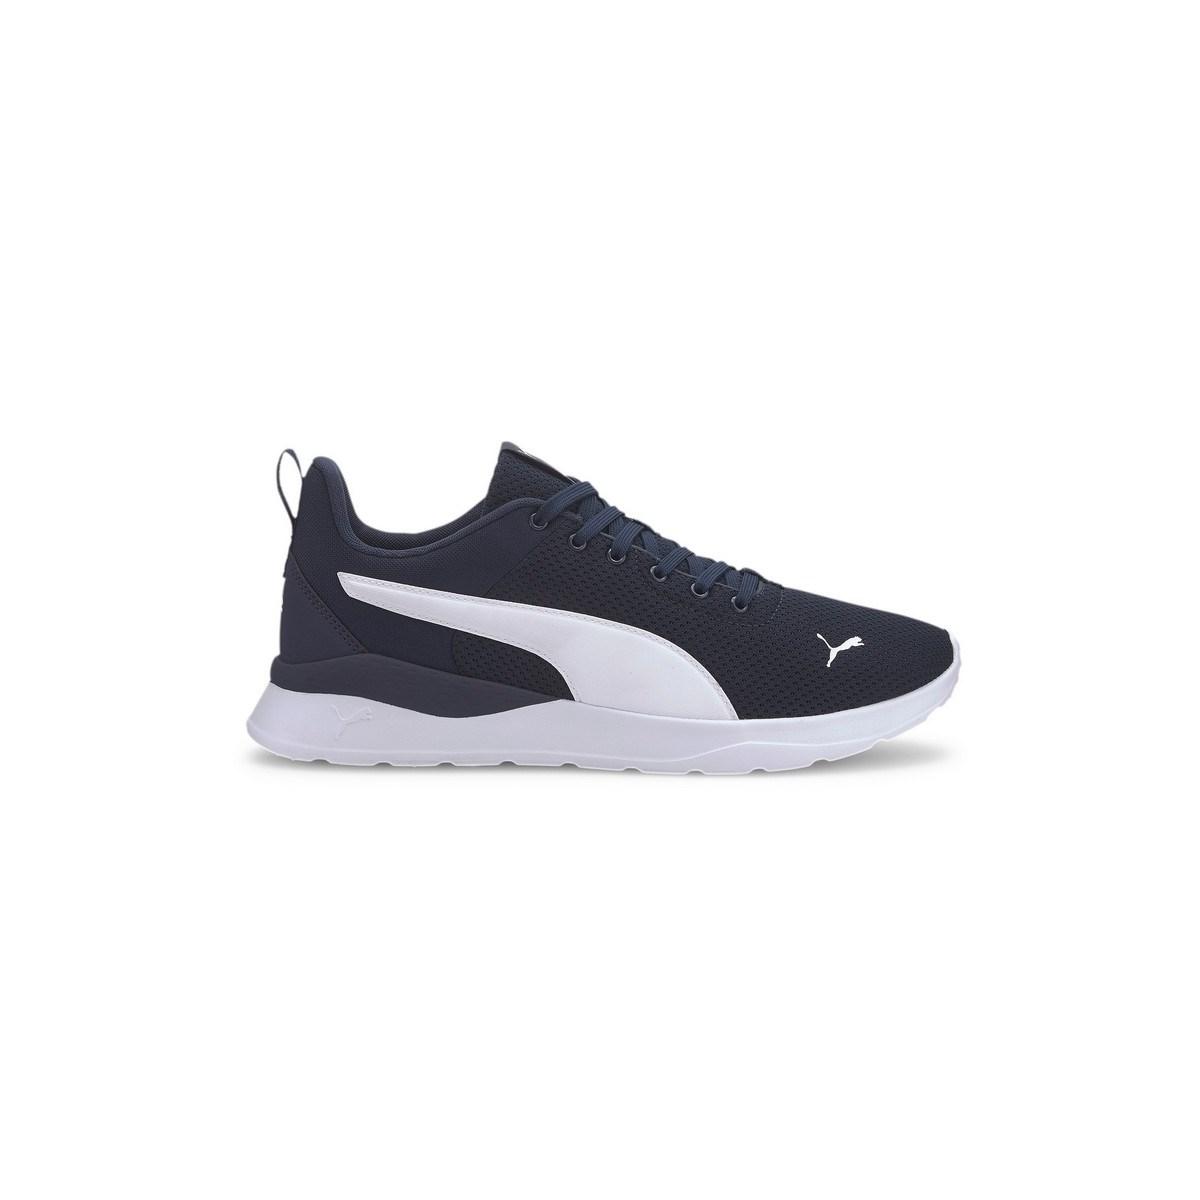 Anzarun Lite Erkek Mavi Spor Ayakkabı (371128-05)